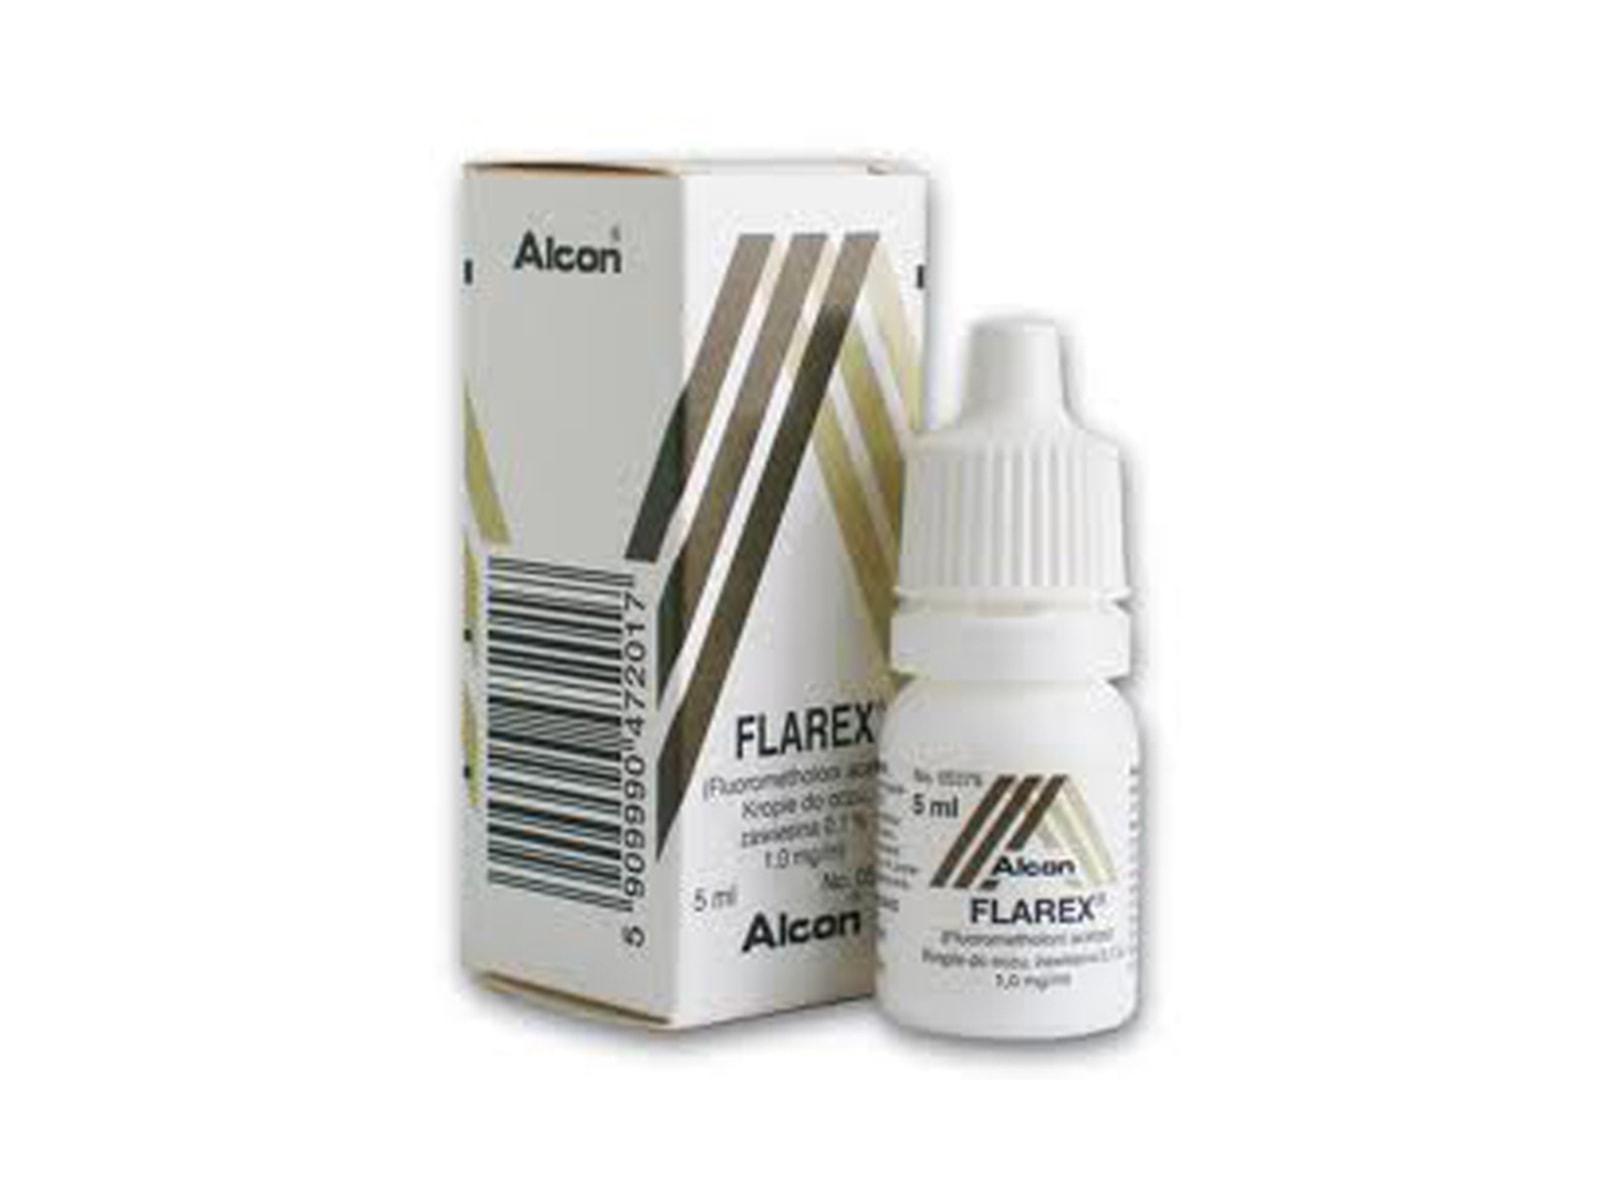 Flarex